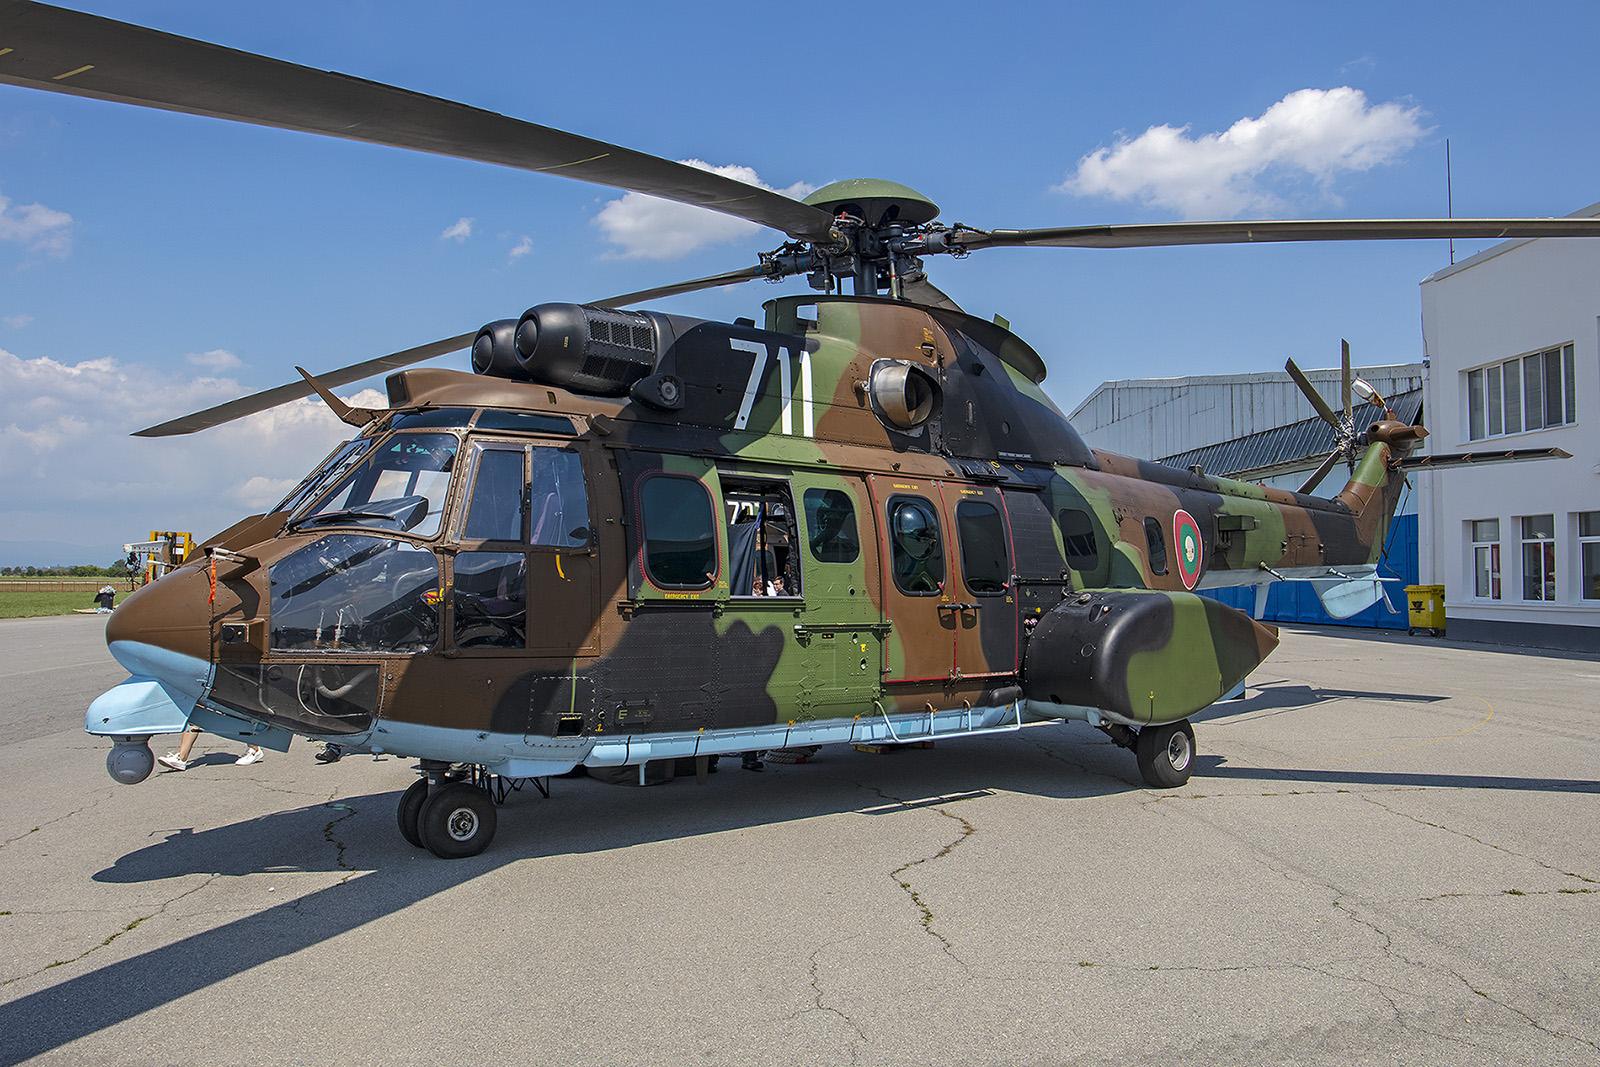 """Die """"711"""" hatte sogar schon mal einen Auftritt in Hollywood. Der Hubschrauber war im Film """"The Expandables II"""" zu sehen."""